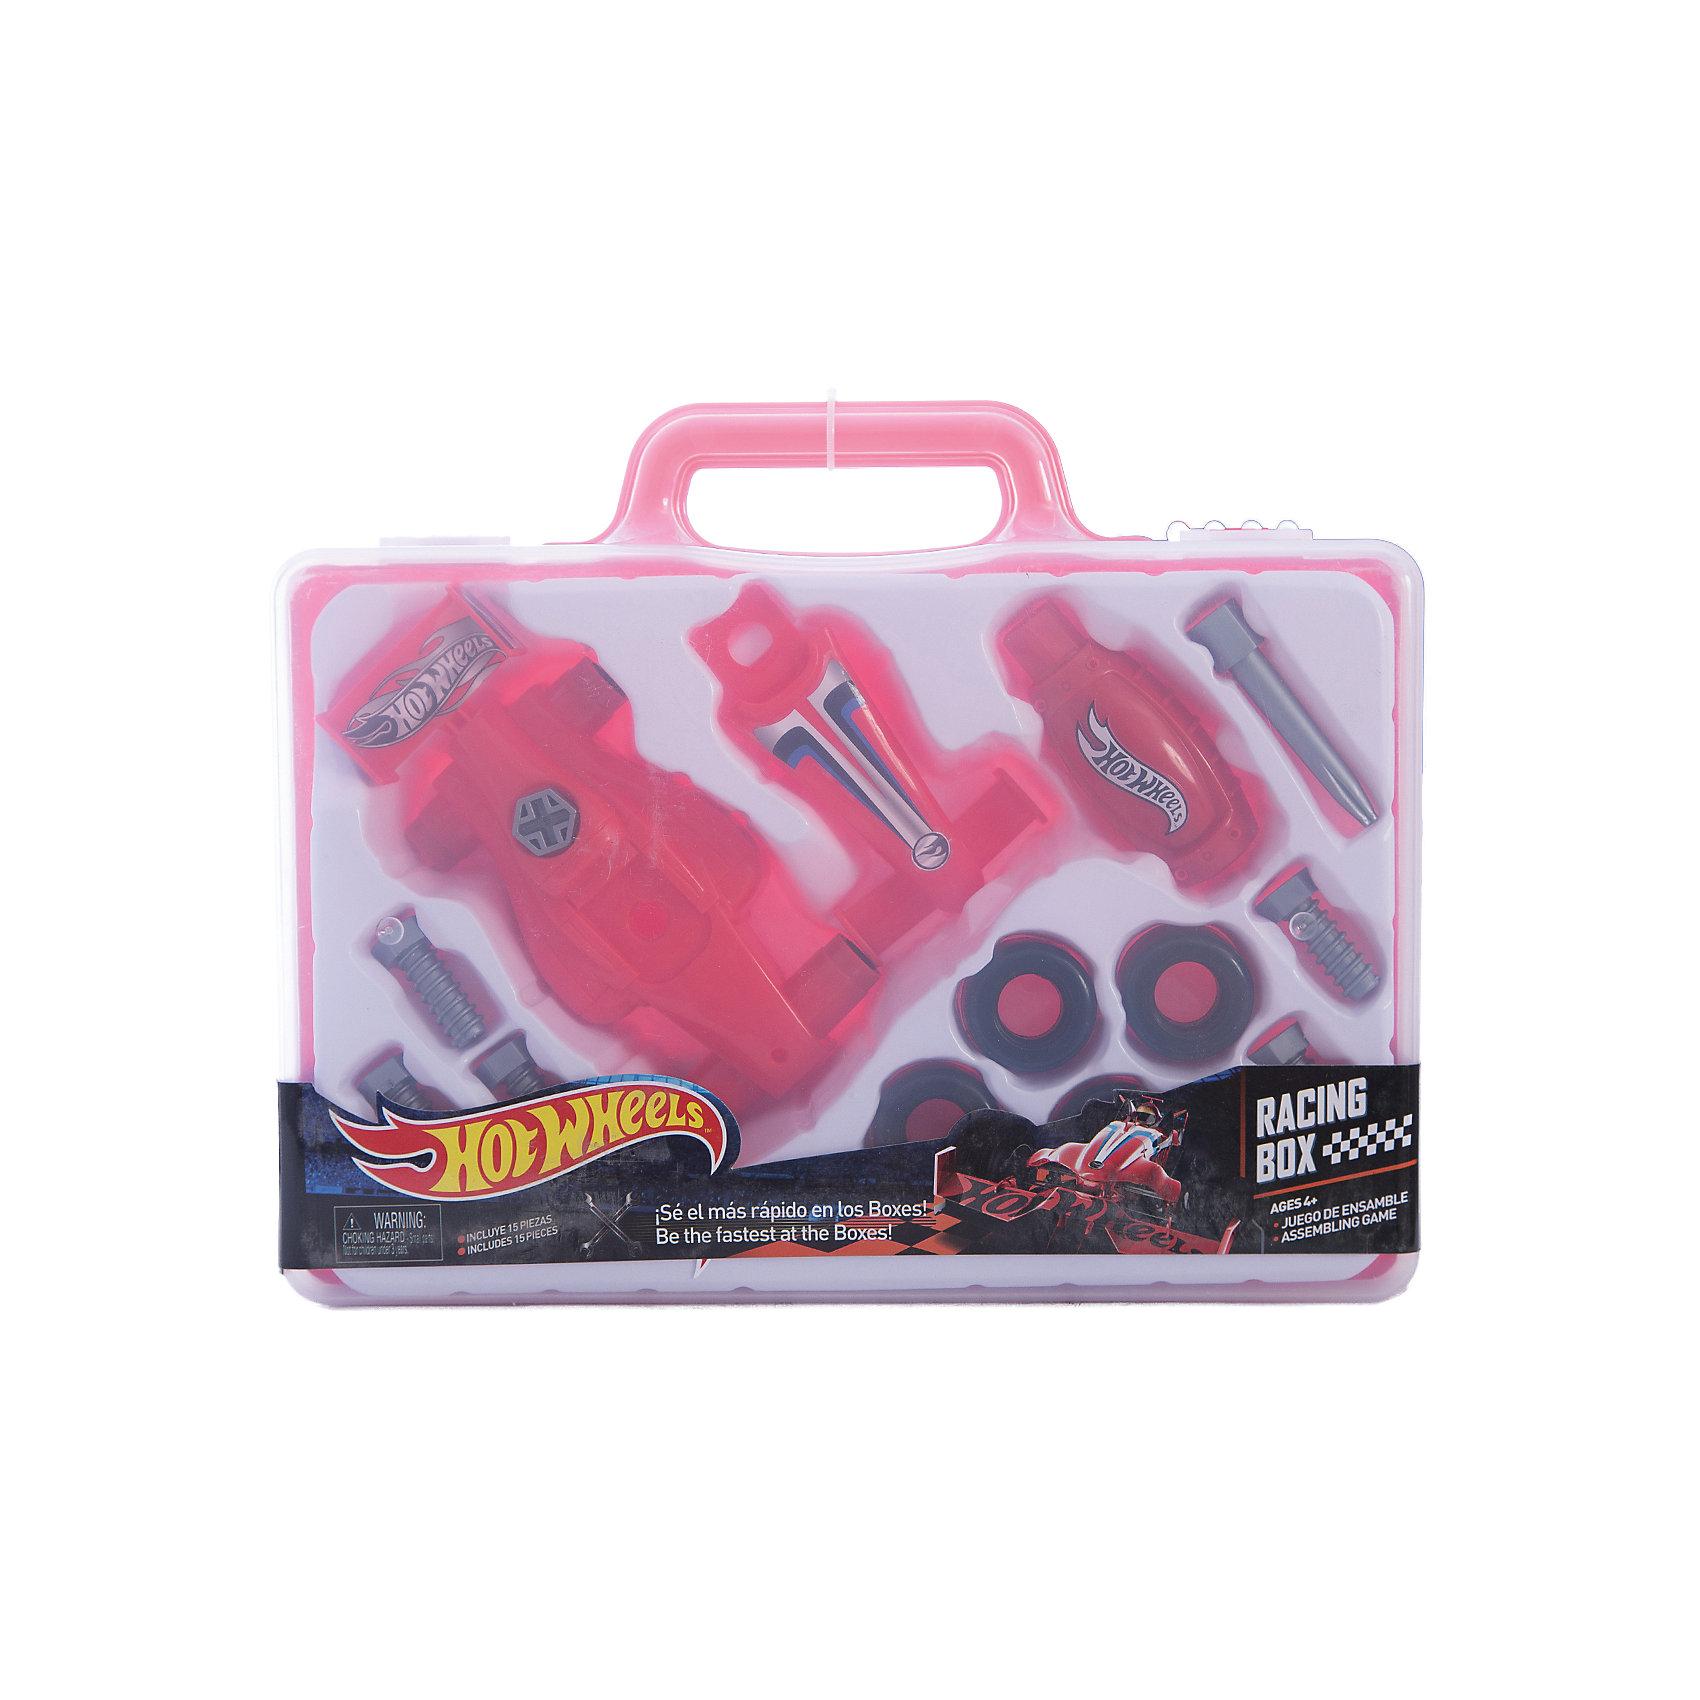 Игровой набор юного механика, в чемодане, Hot WheelsСюжетно-ролевые игры<br>Игровой набор юного механика, большой, Hot Wheels (Хот Вилс).<br><br>Характеристика:<br><br>• Материал: пластик. <br>• Размер упаковки: 31x23x5 см. <br>• Комплектация: 6 болтов, 4 шины, 2 детали корпуса, 2 детали отвертки, чемоданчик. <br>• Отличная детализация. <br>• Яркий красочный дизайн. <br>• Удобный пластиковый чемоданчик для хранения и переноски. <br><br>С этим оригинальным игровым набором, выполненным в стилистике Hot Wheels, любой мальчик почувствует себя настоящим автомехаником и сможет собрать гоночный автомобиль! Все детали упакованы в удобный пластиковый чемоданчик с прозрачной крышкой, отлично проработаны, легко и быстро соединяются между собой. Игрушки изготовлены из экологичного пластика, в производстве которого использованы только безопасные нетоксичные красители. <br><br>Игровой набор юного механика, большой, Hot Wheels (Хот Вилс) можно купить в нашем интернет-магазине.<br><br>Ширина мм: 300<br>Глубина мм: 240<br>Высота мм: 500<br>Вес г: 474<br>Возраст от месяцев: 36<br>Возраст до месяцев: 2147483647<br>Пол: Мужской<br>Возраст: Детский<br>SKU: 5238939